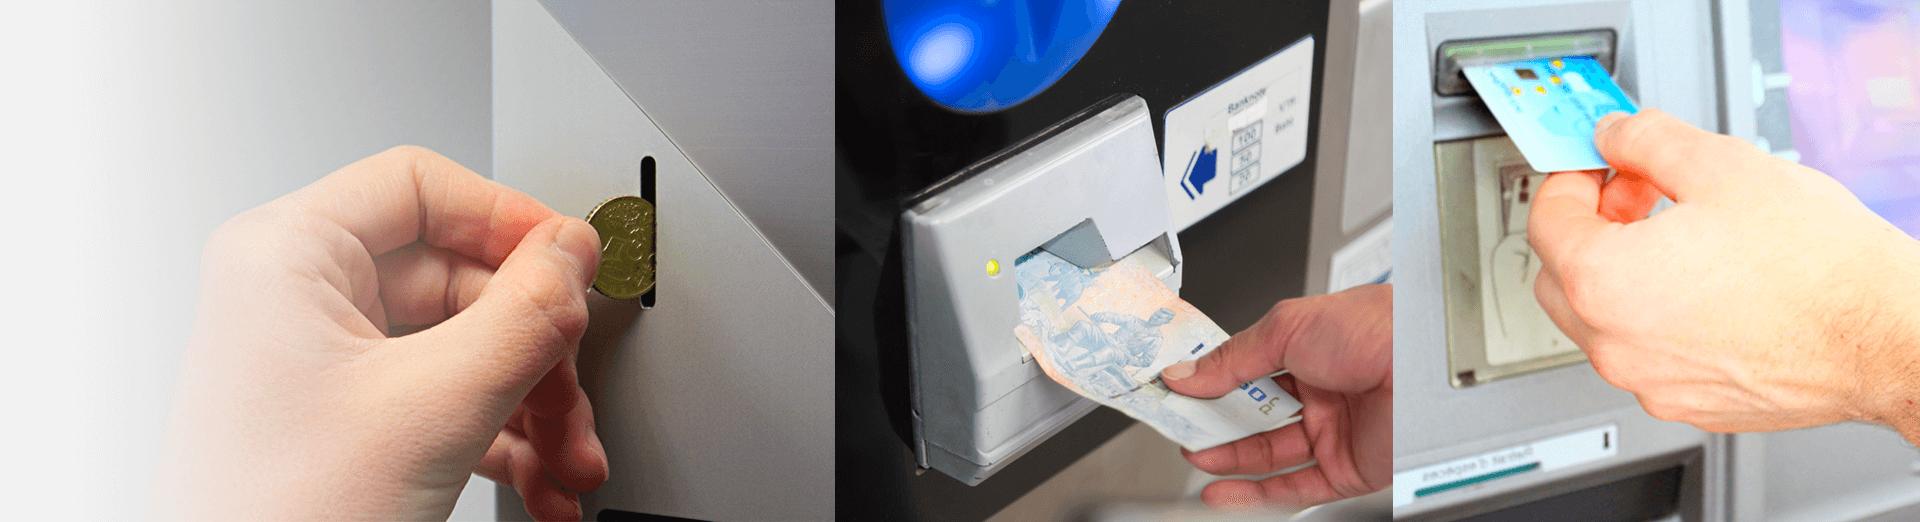 paiement-borne-tactile2